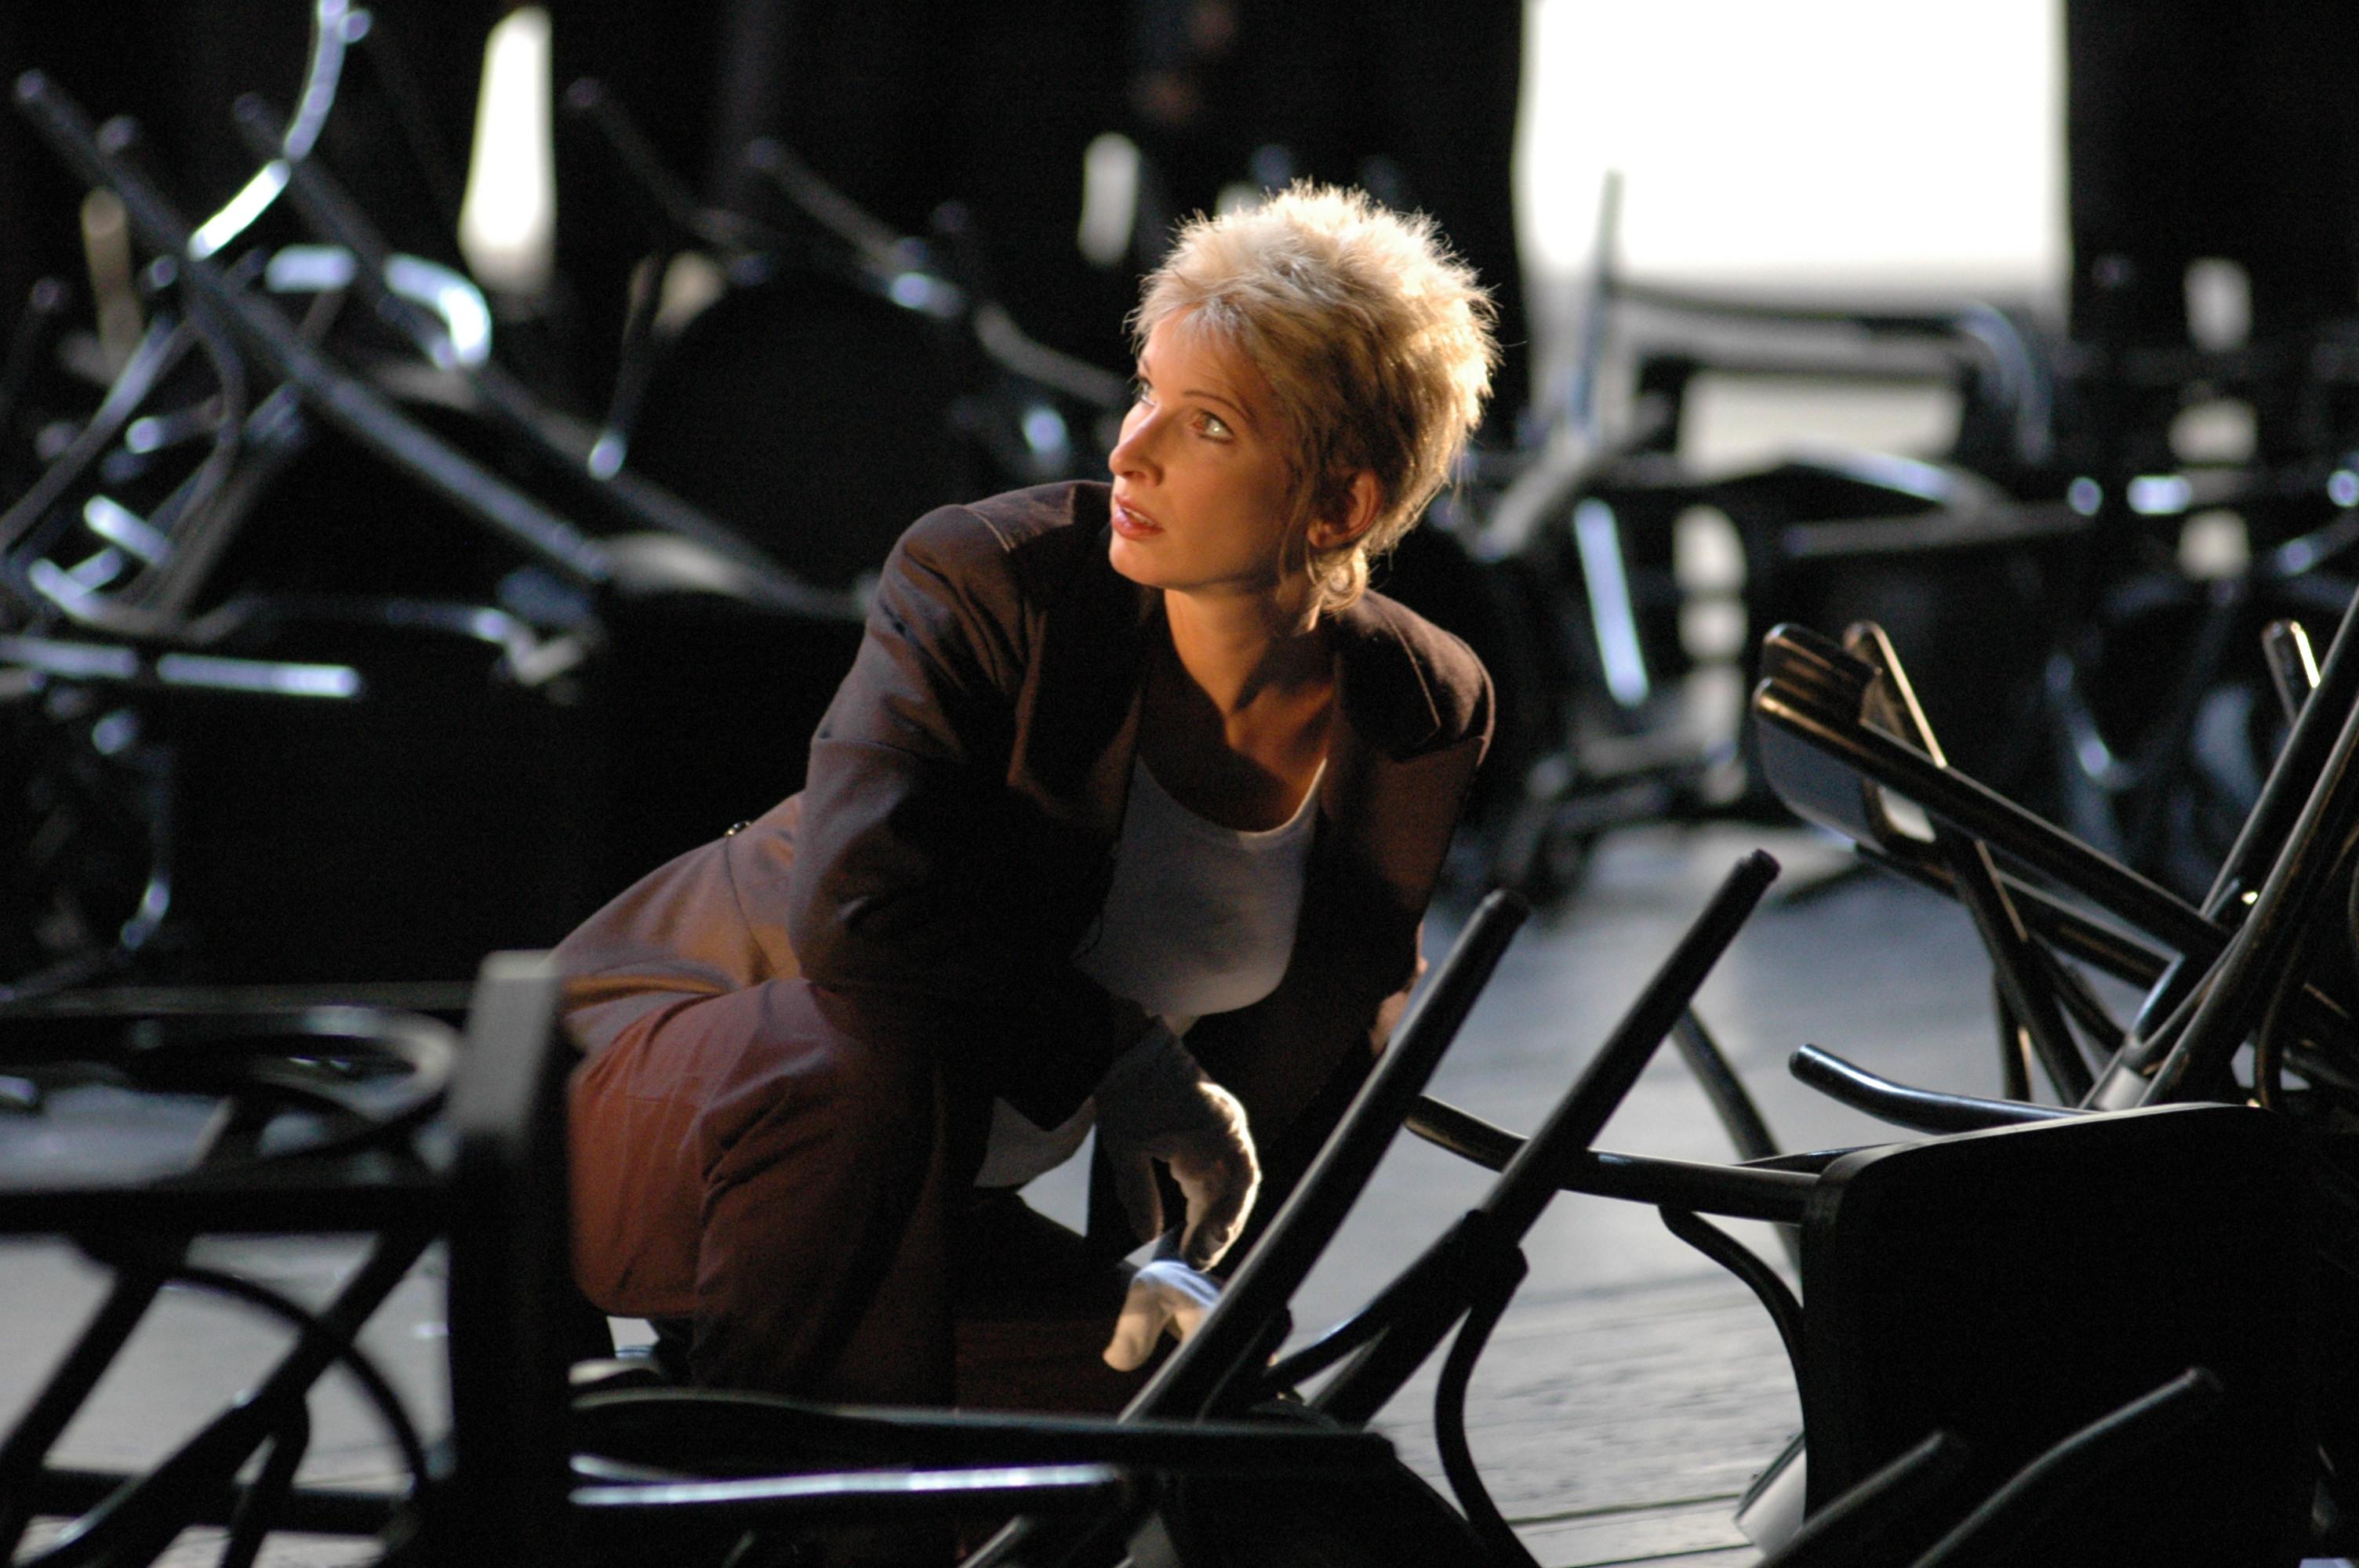 Nicola Beller Carbone dans Mahagonny / Deutsche Oper Berlin, ©Detlef Kurth